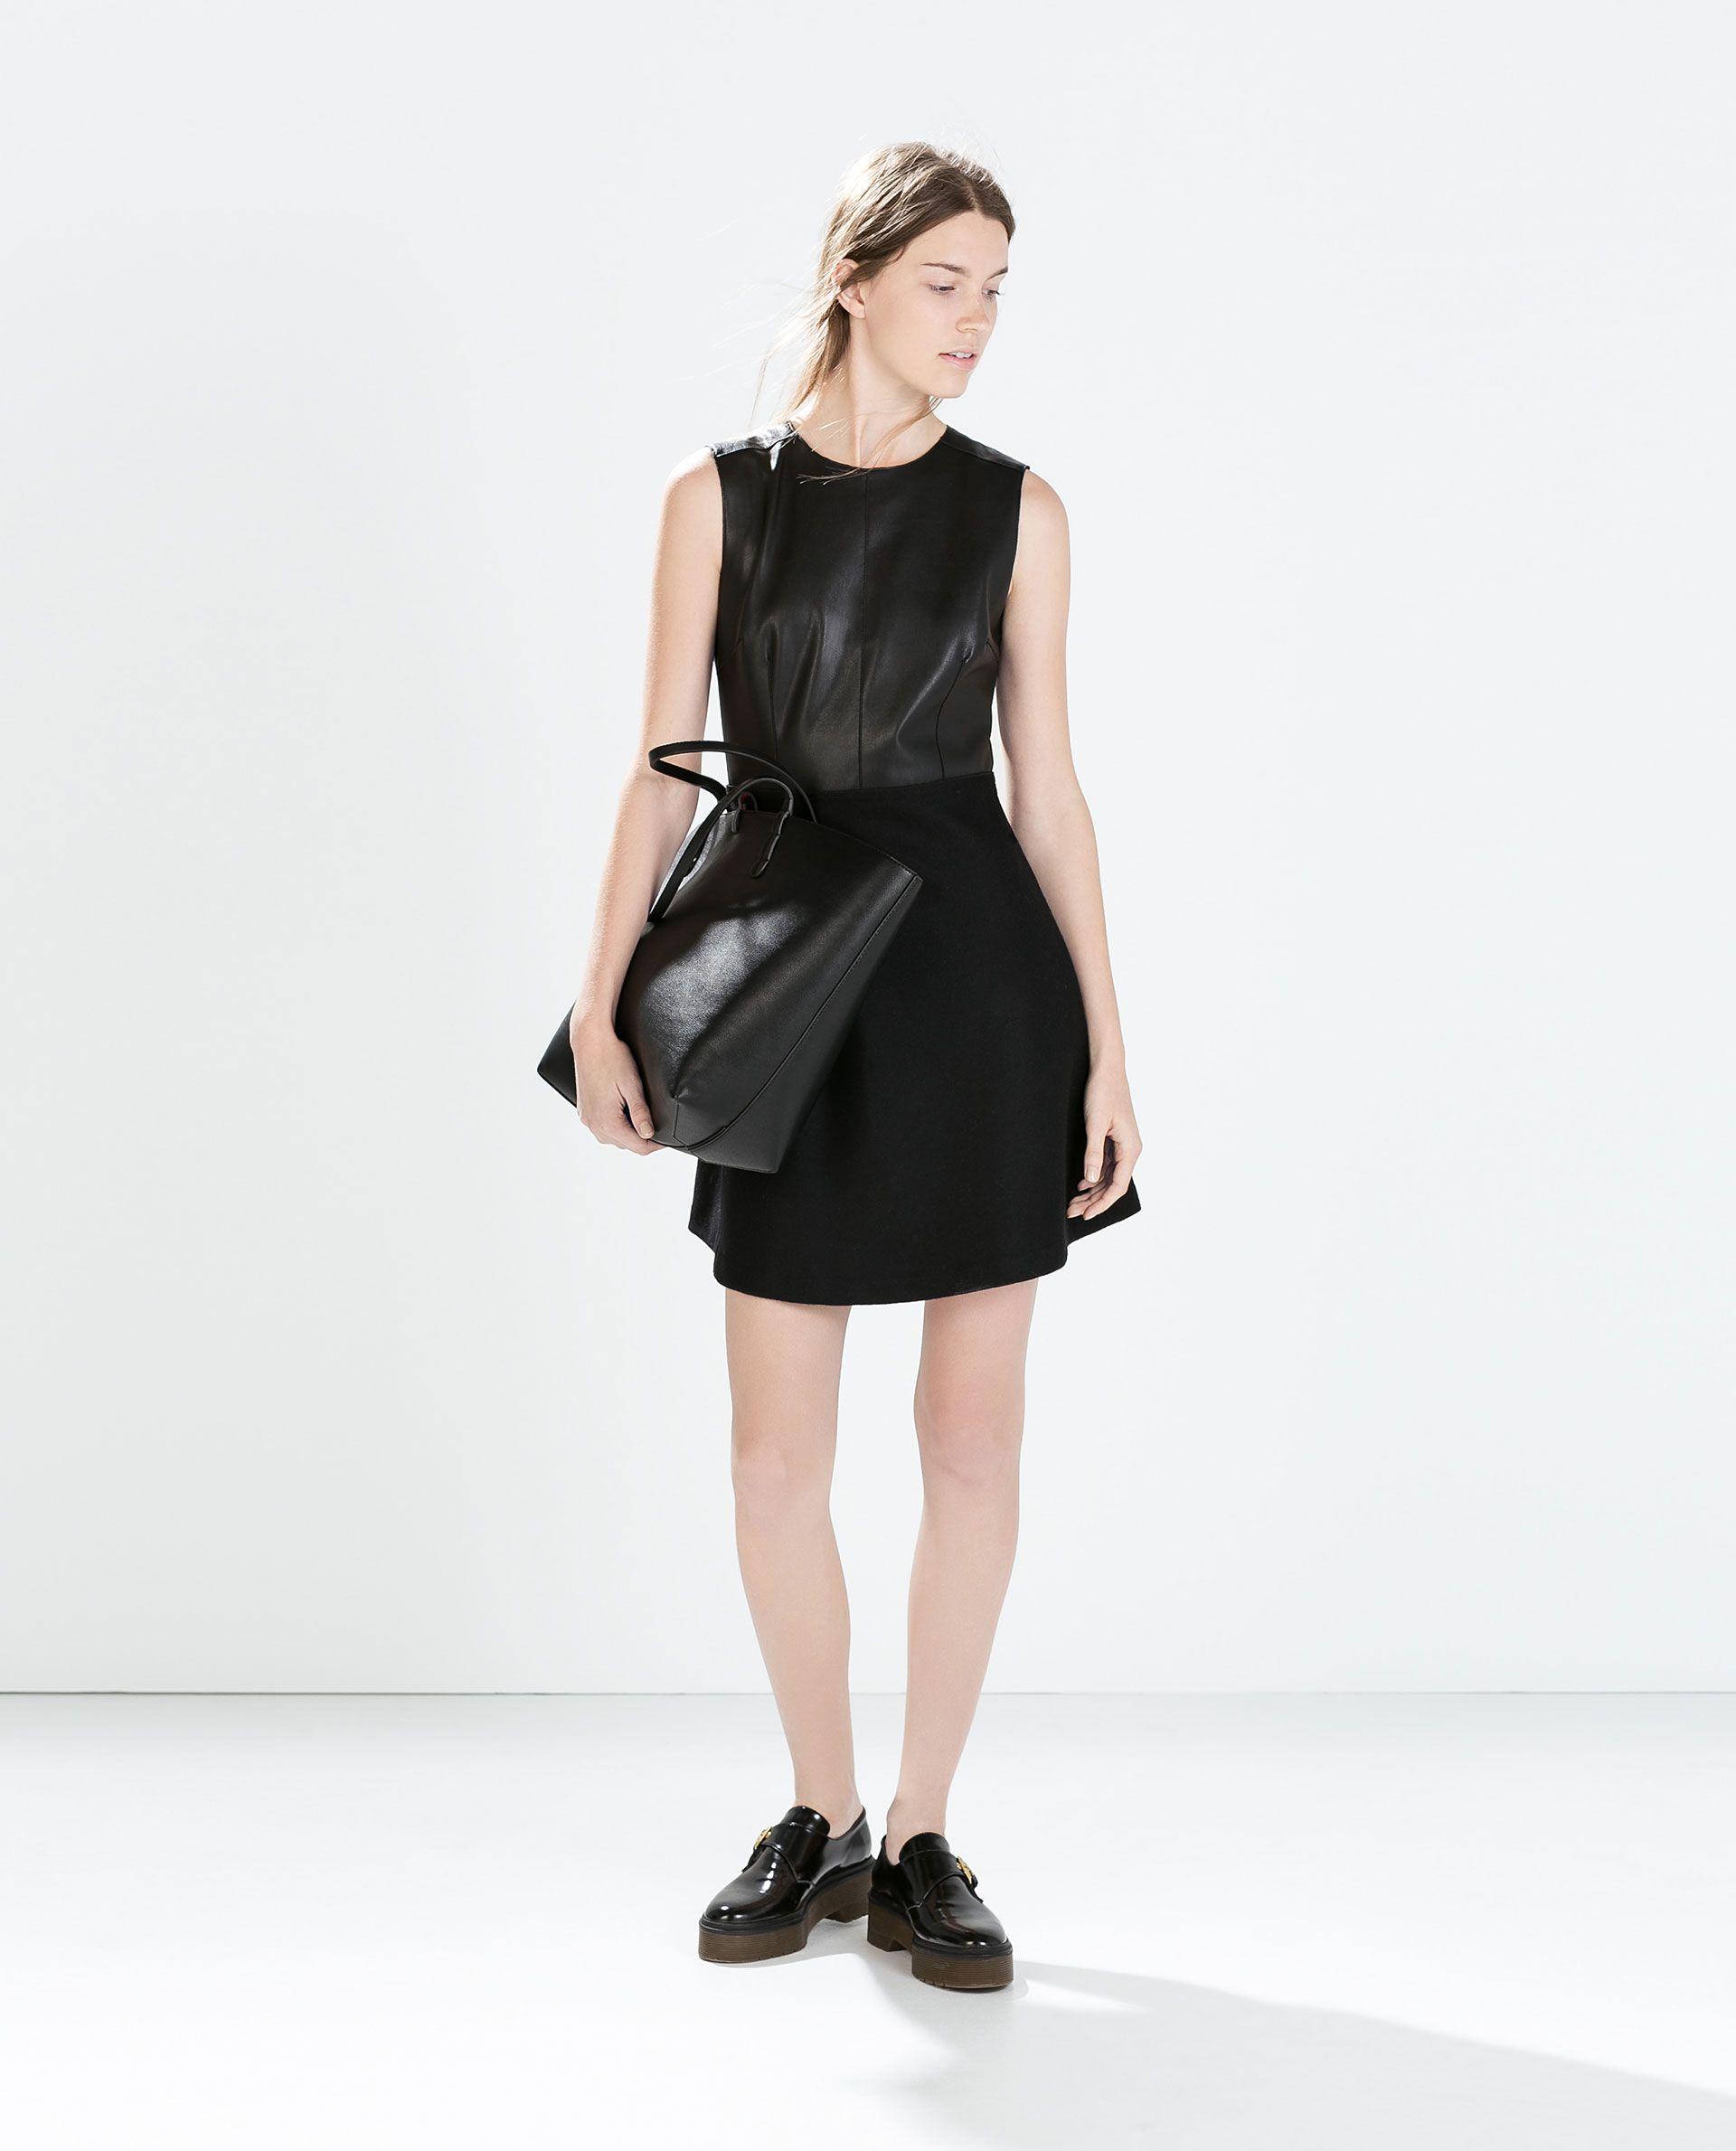 Dresses - WOMAN  ZARA Germany  Kleider, Kleider für frauen